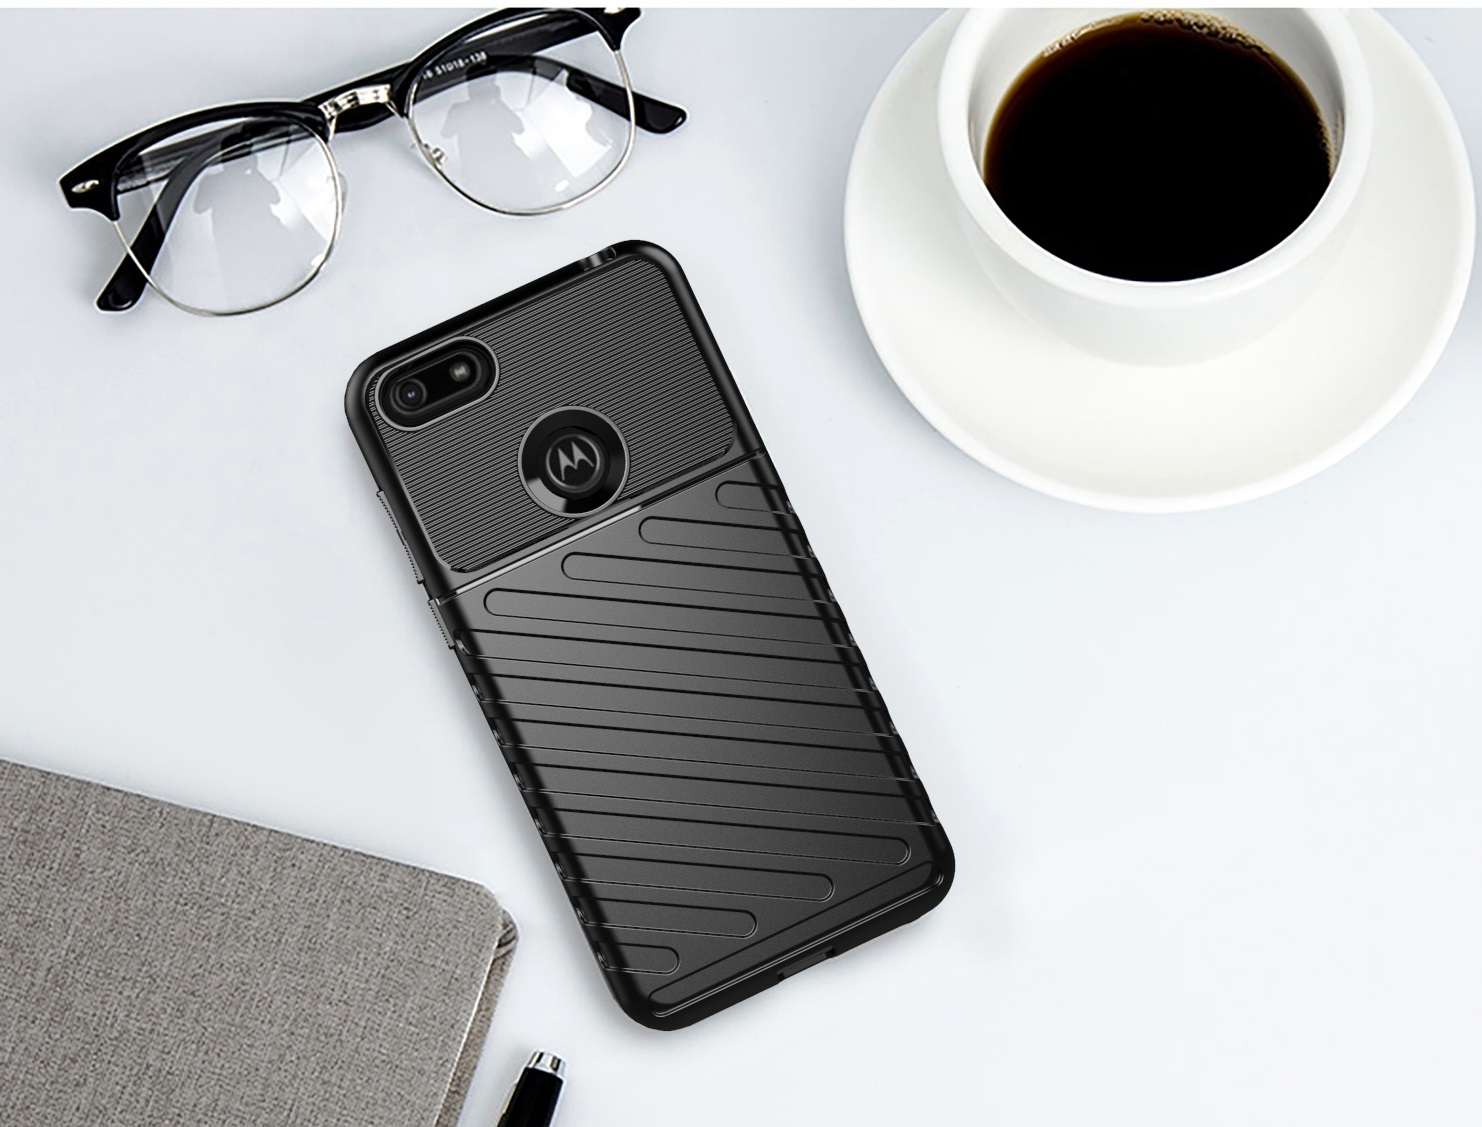 Чехол для Motorola Moto E6 play цвет Black (черный), серия Onyx от Caseport